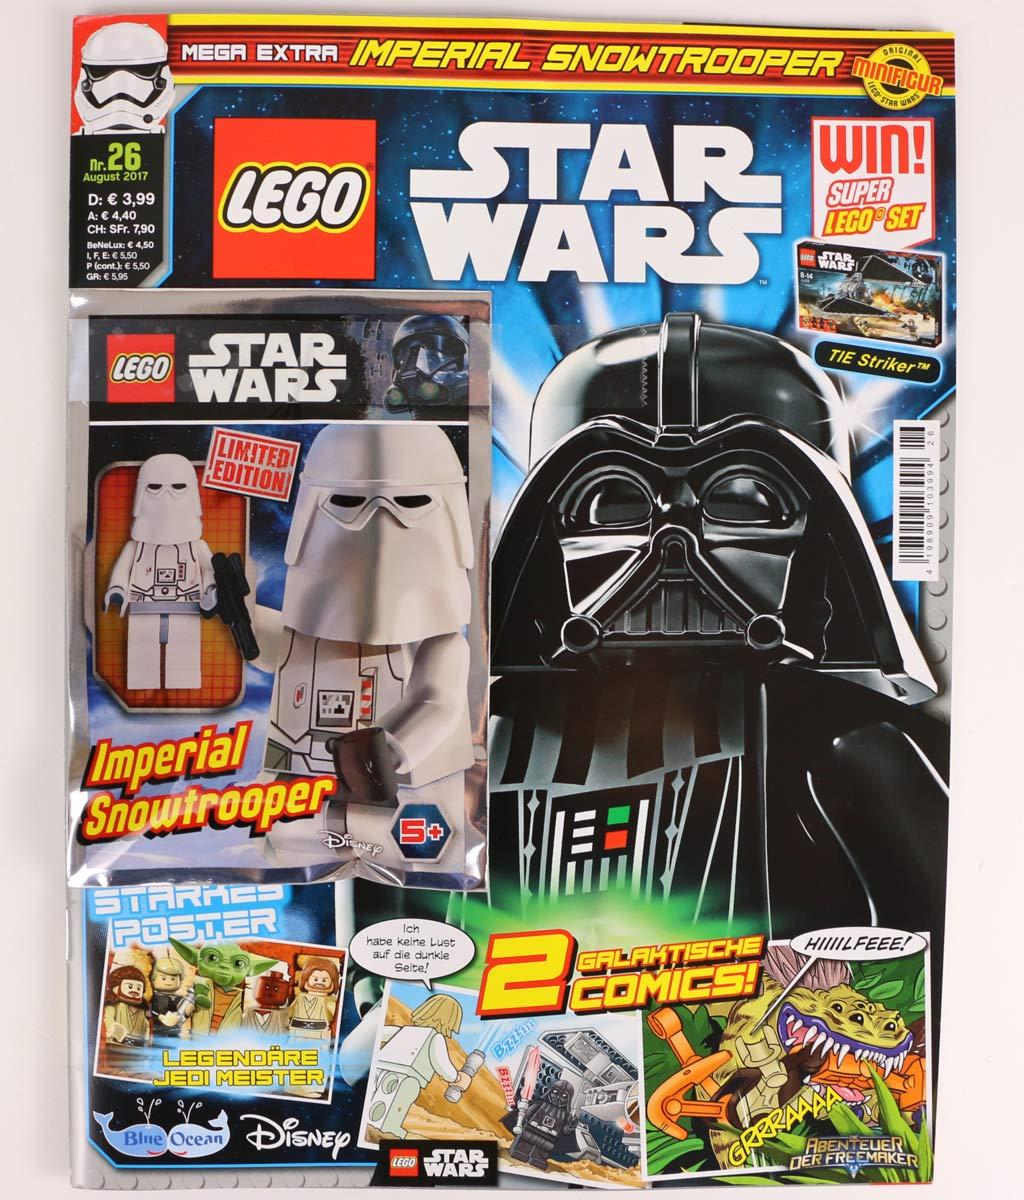 lego star wars magazin ausgabe 26 mit imperial snowtrooper im review zusammengebaut. Black Bedroom Furniture Sets. Home Design Ideas